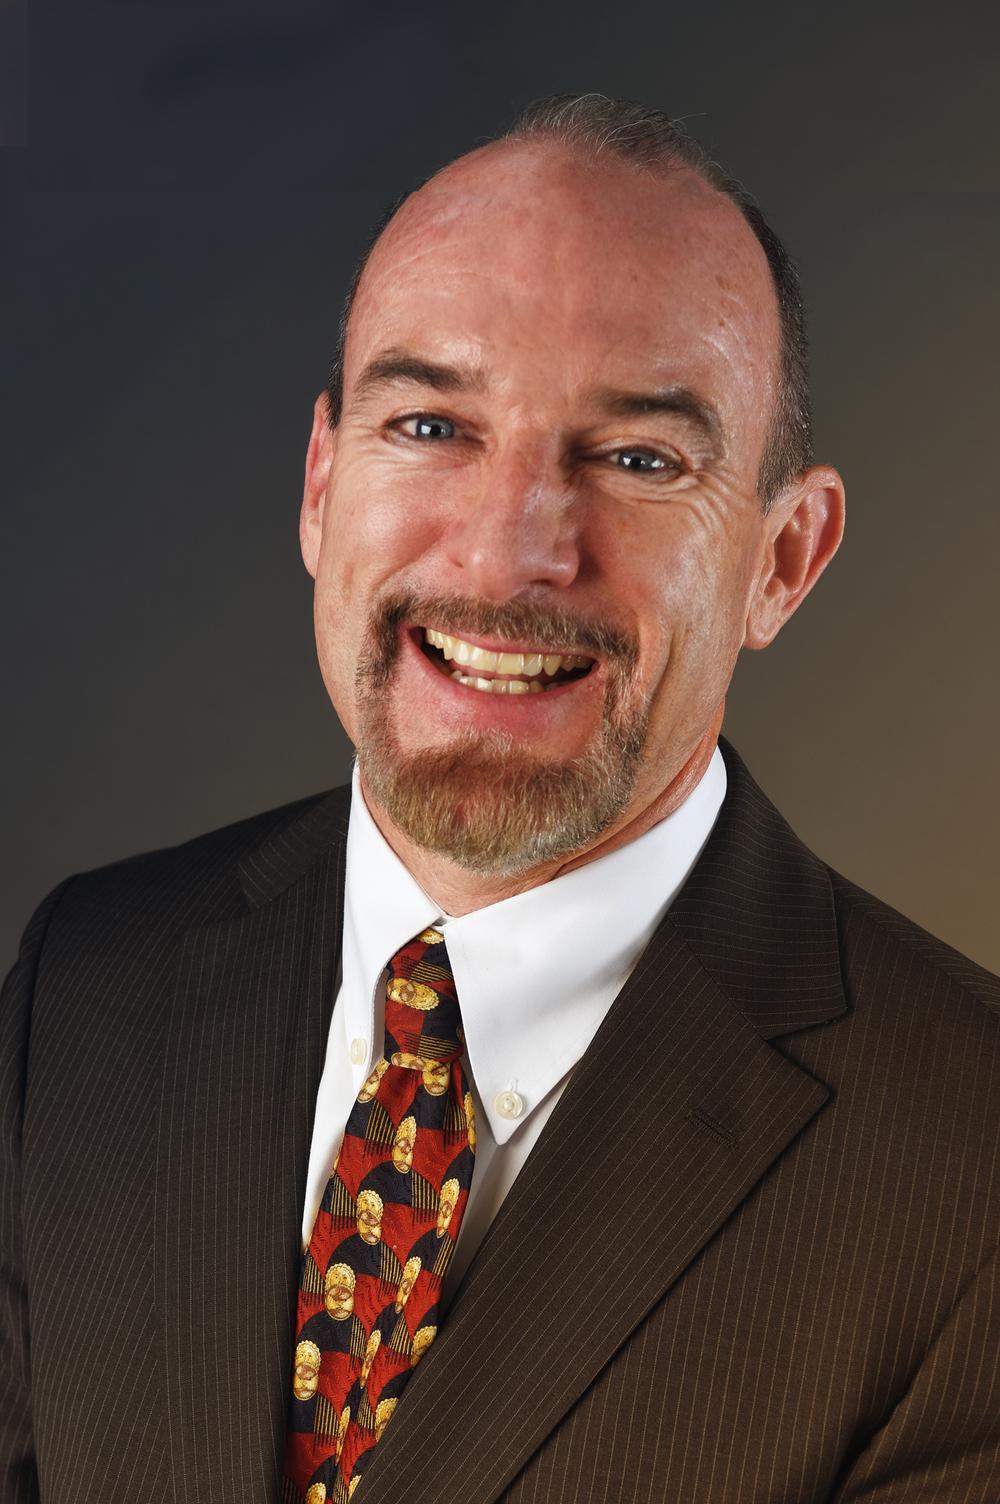 Daniel T. Slane, PE, CPCU